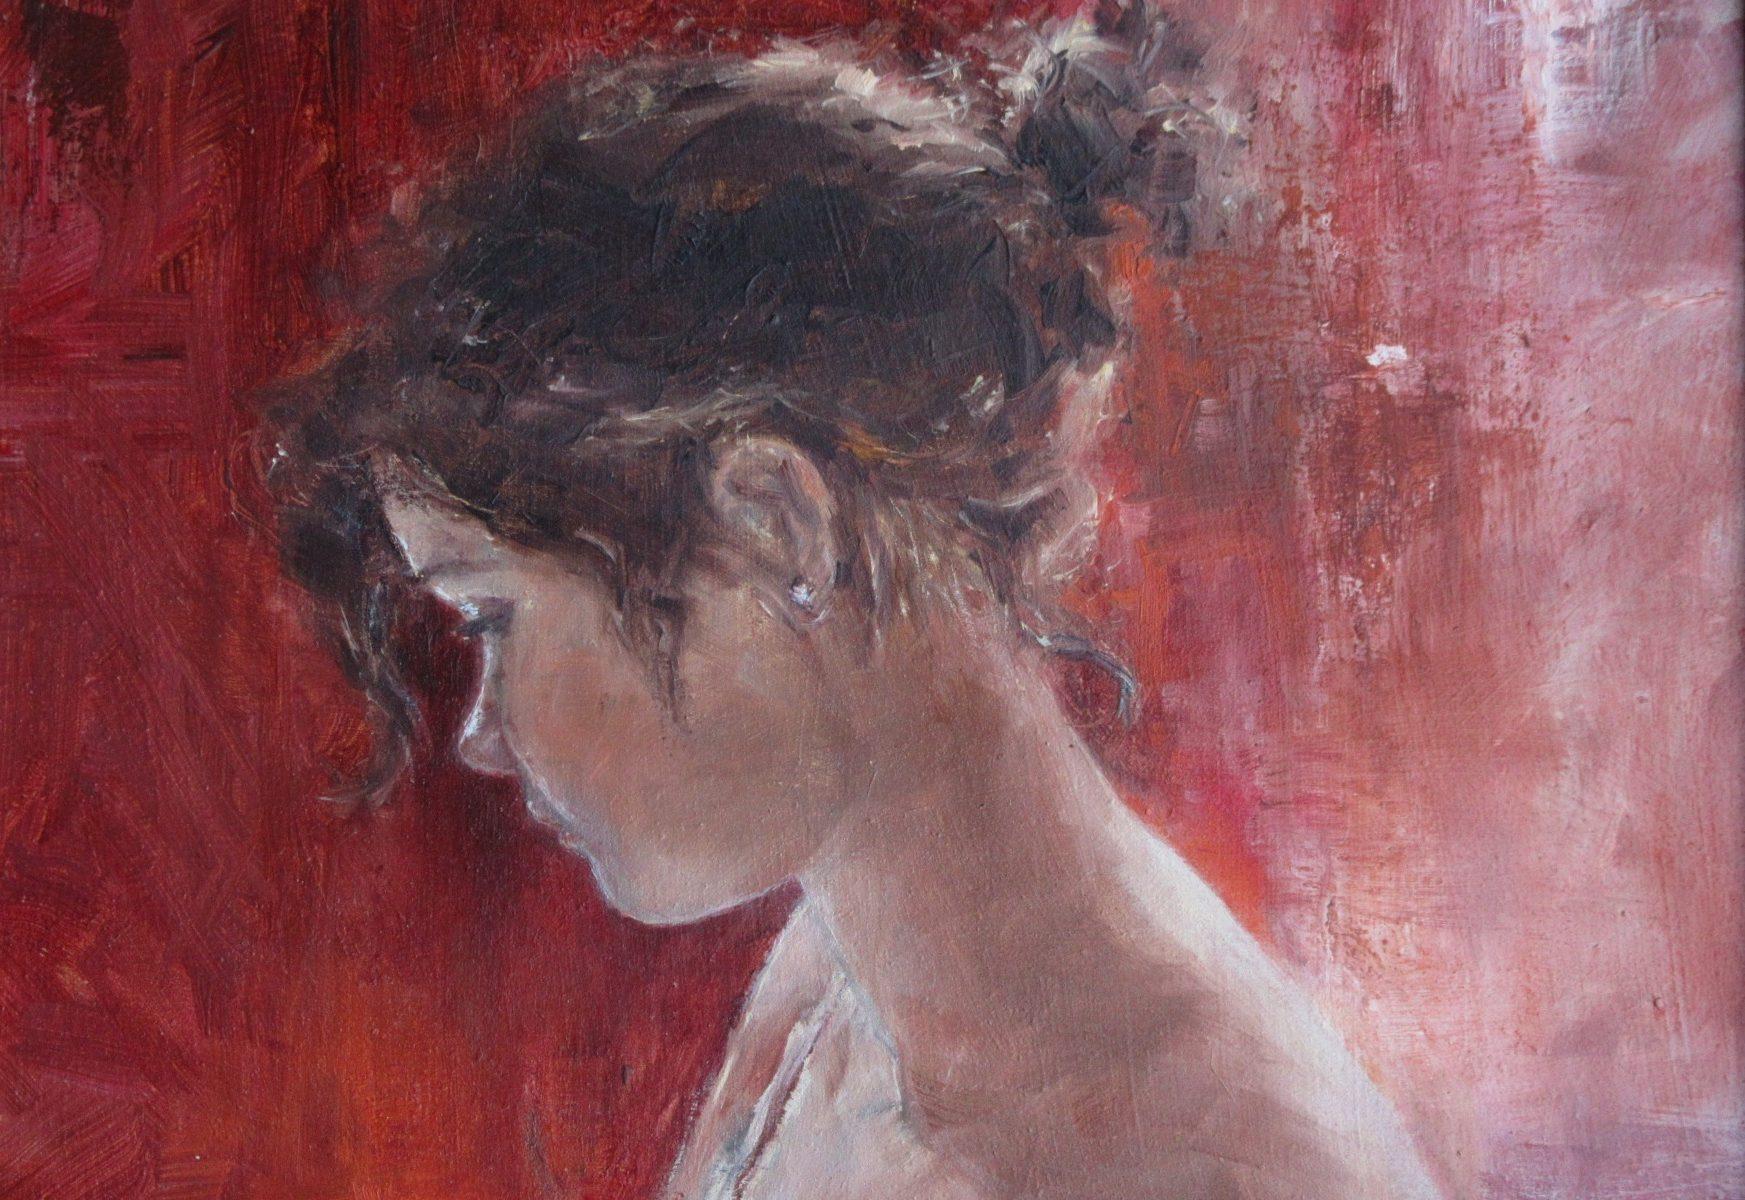 Vicki by Heidi Beyers